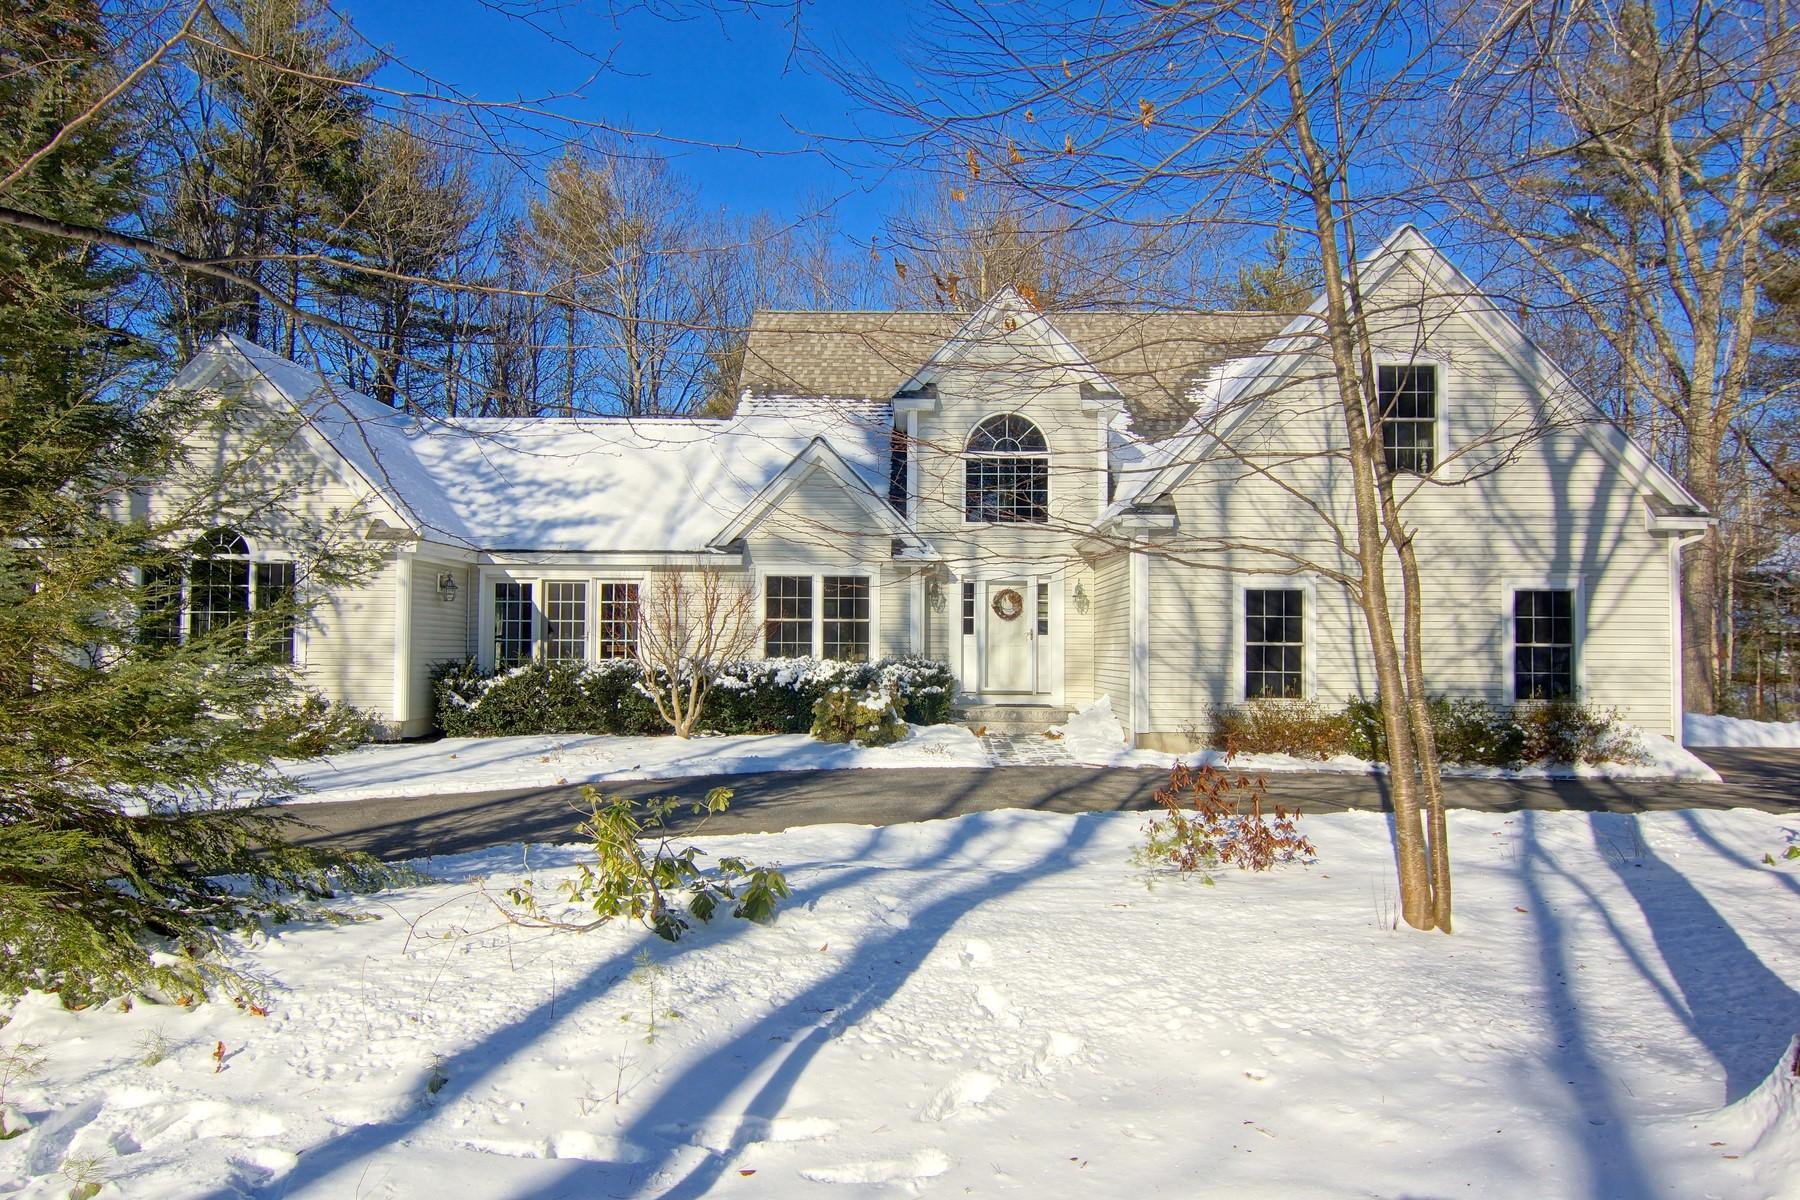 Einfamilienhaus für Verkauf beim A Good Place to Come Home To 20 Caverno Drive Lee, New Hampshire 03861 Vereinigte Staaten